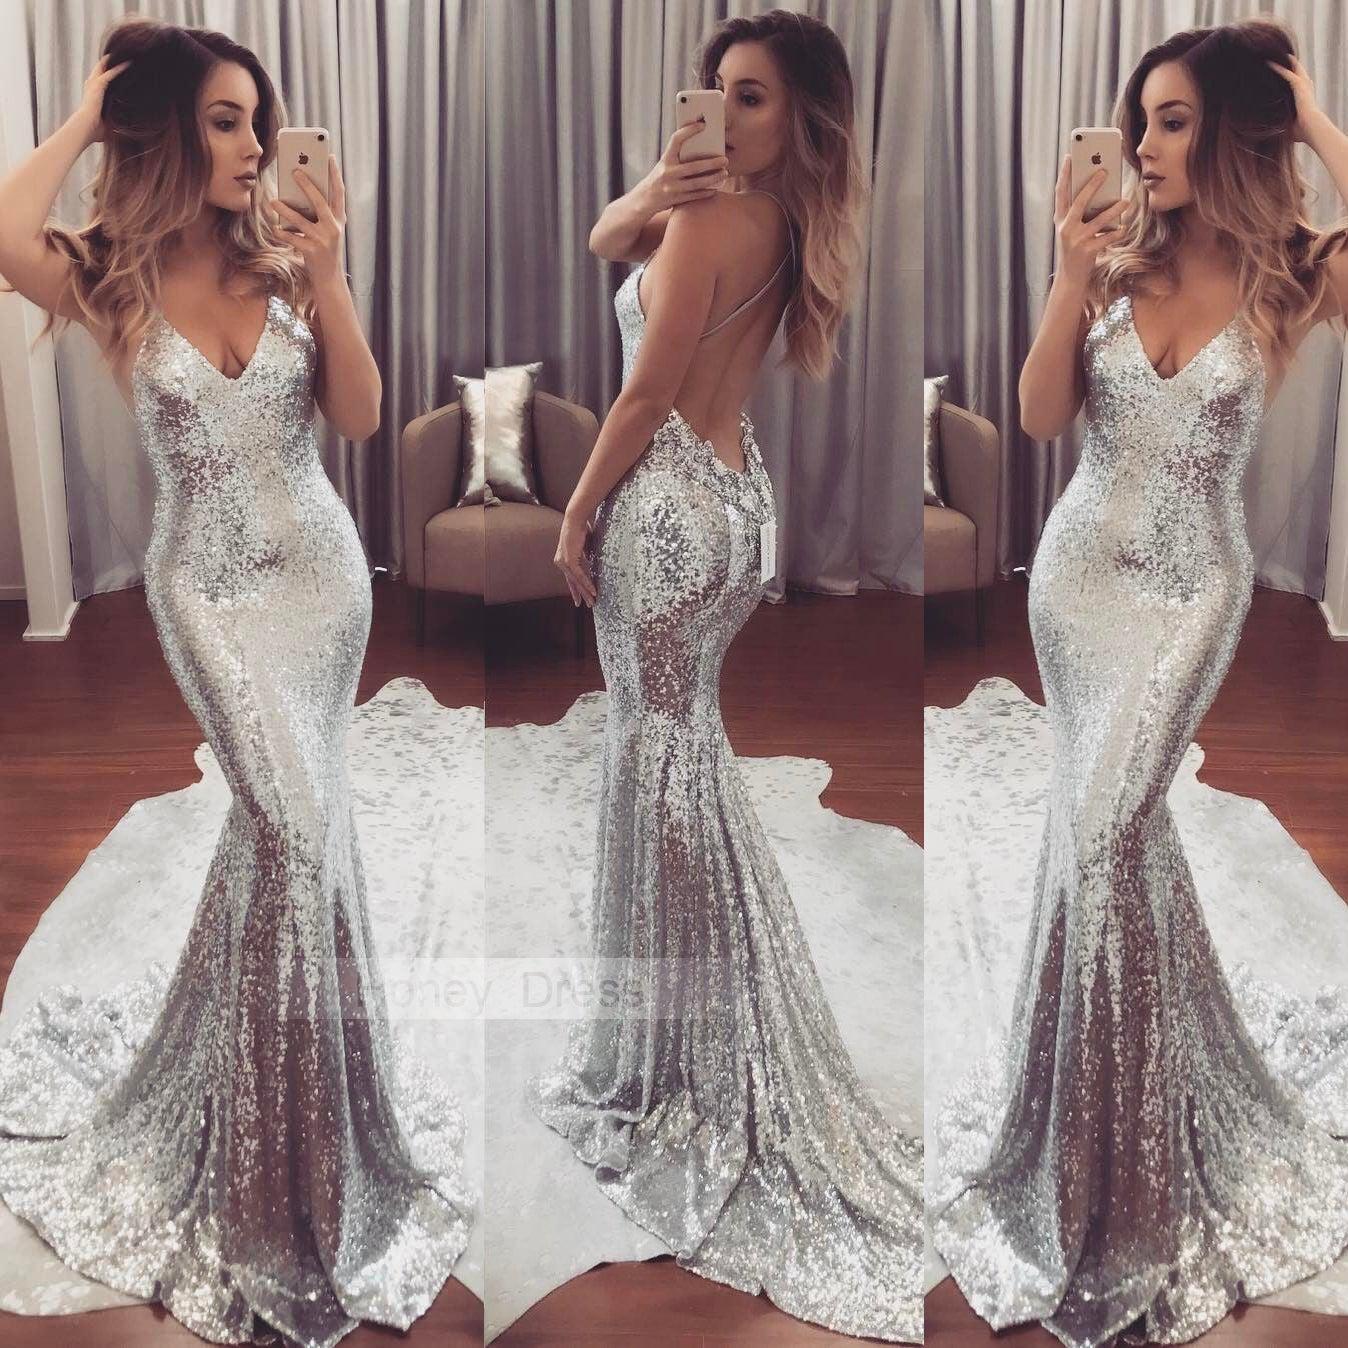 Honey Dress Sexy Silver Sparkly Sequins V Neckline Prom